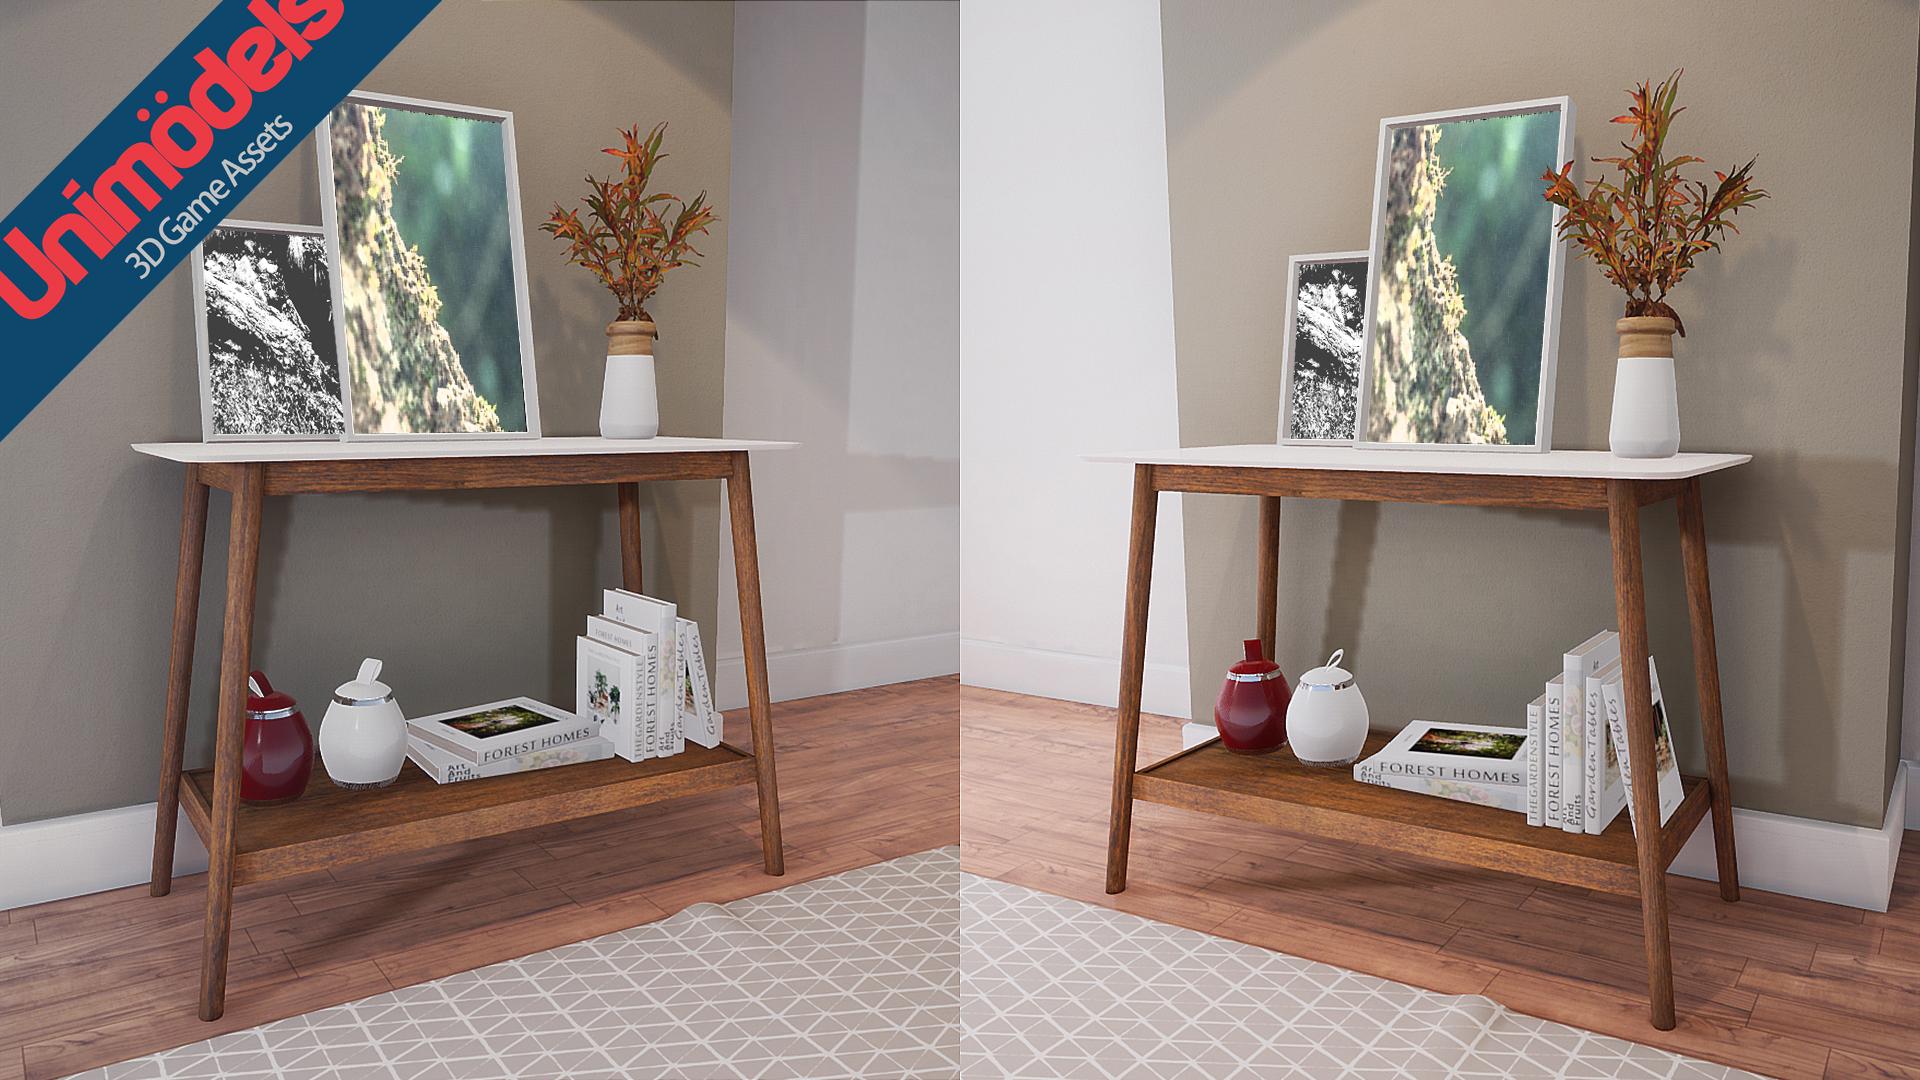 Home Design Et Deco desks and decoration vol. 1unimodelsunimodels in